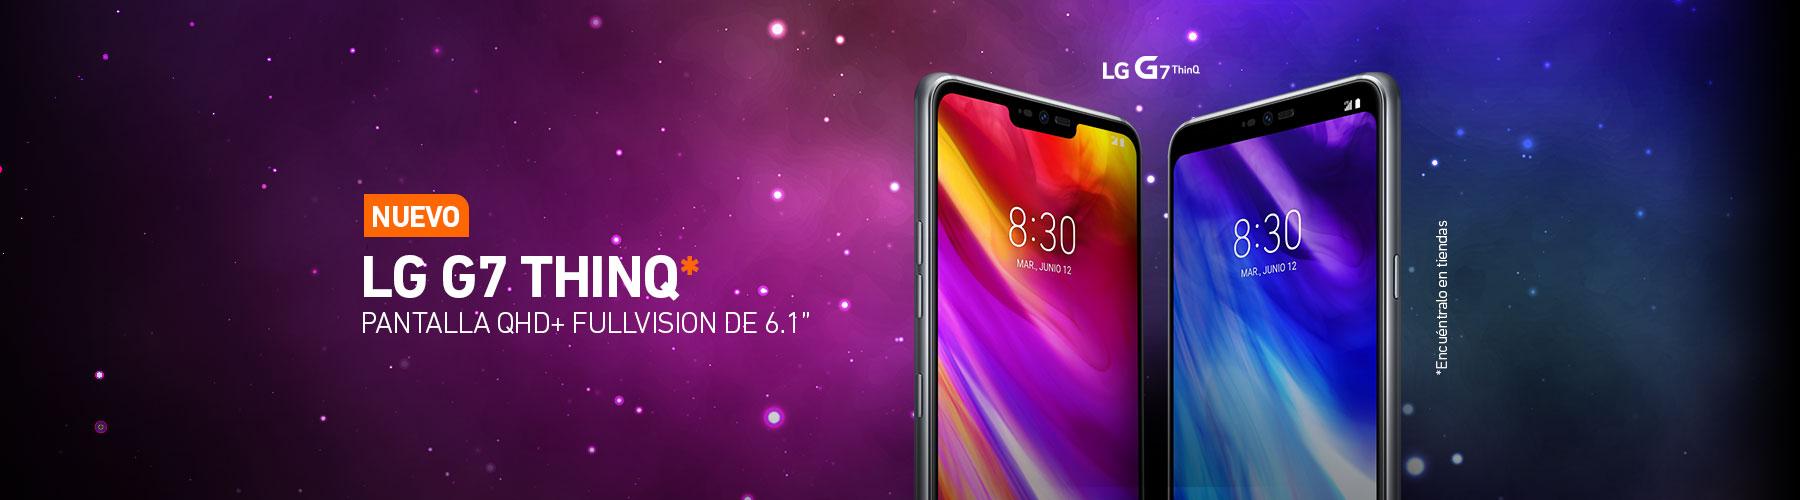 Nuevo LG G7 ThinQ*